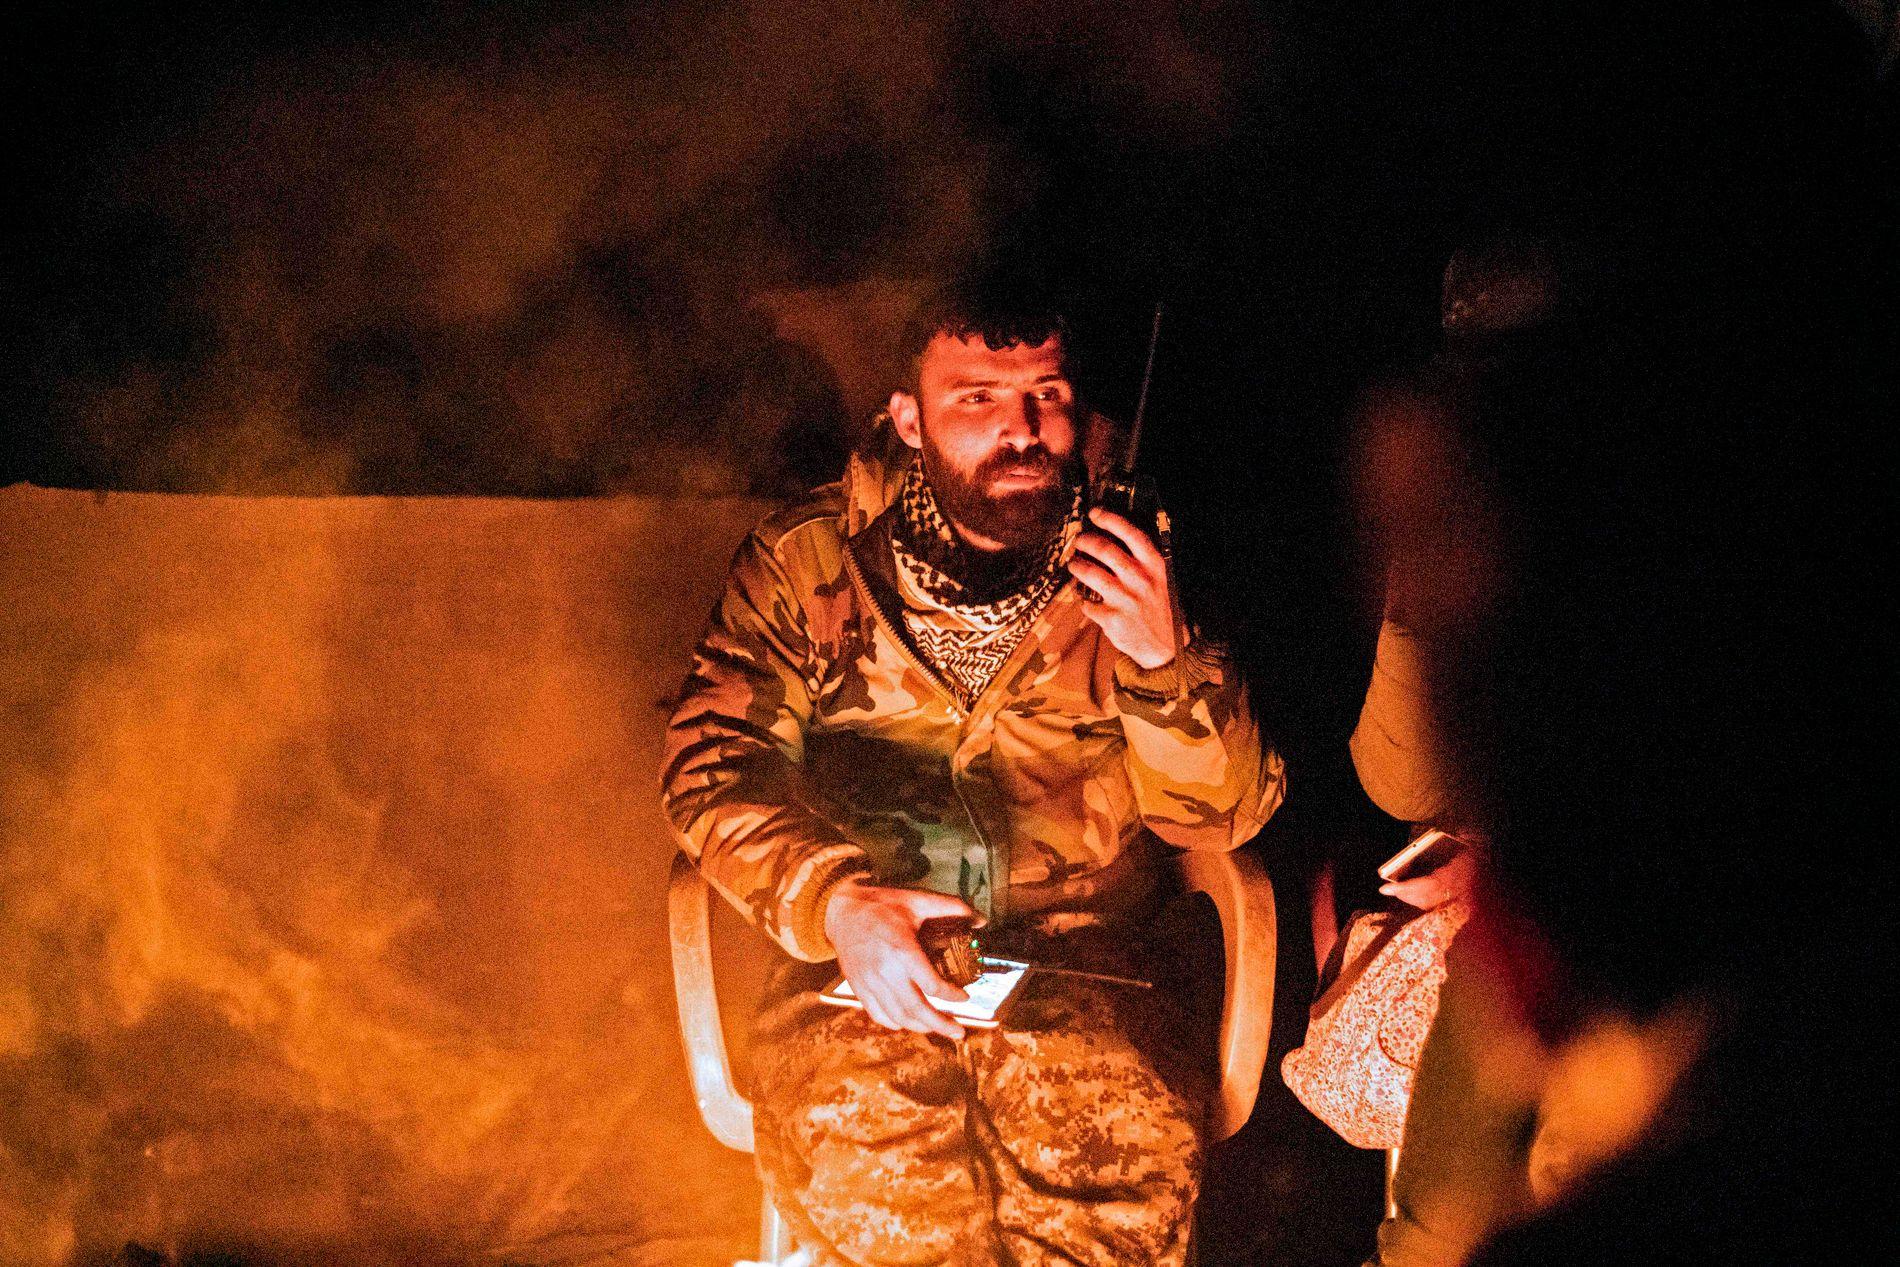 FÅR LUFTSTØTTE: En soldat fra SDF kommuniserer med to-veis radio. Den kurdiskdominerte militsen får støtte fra amerikanske bombefly.